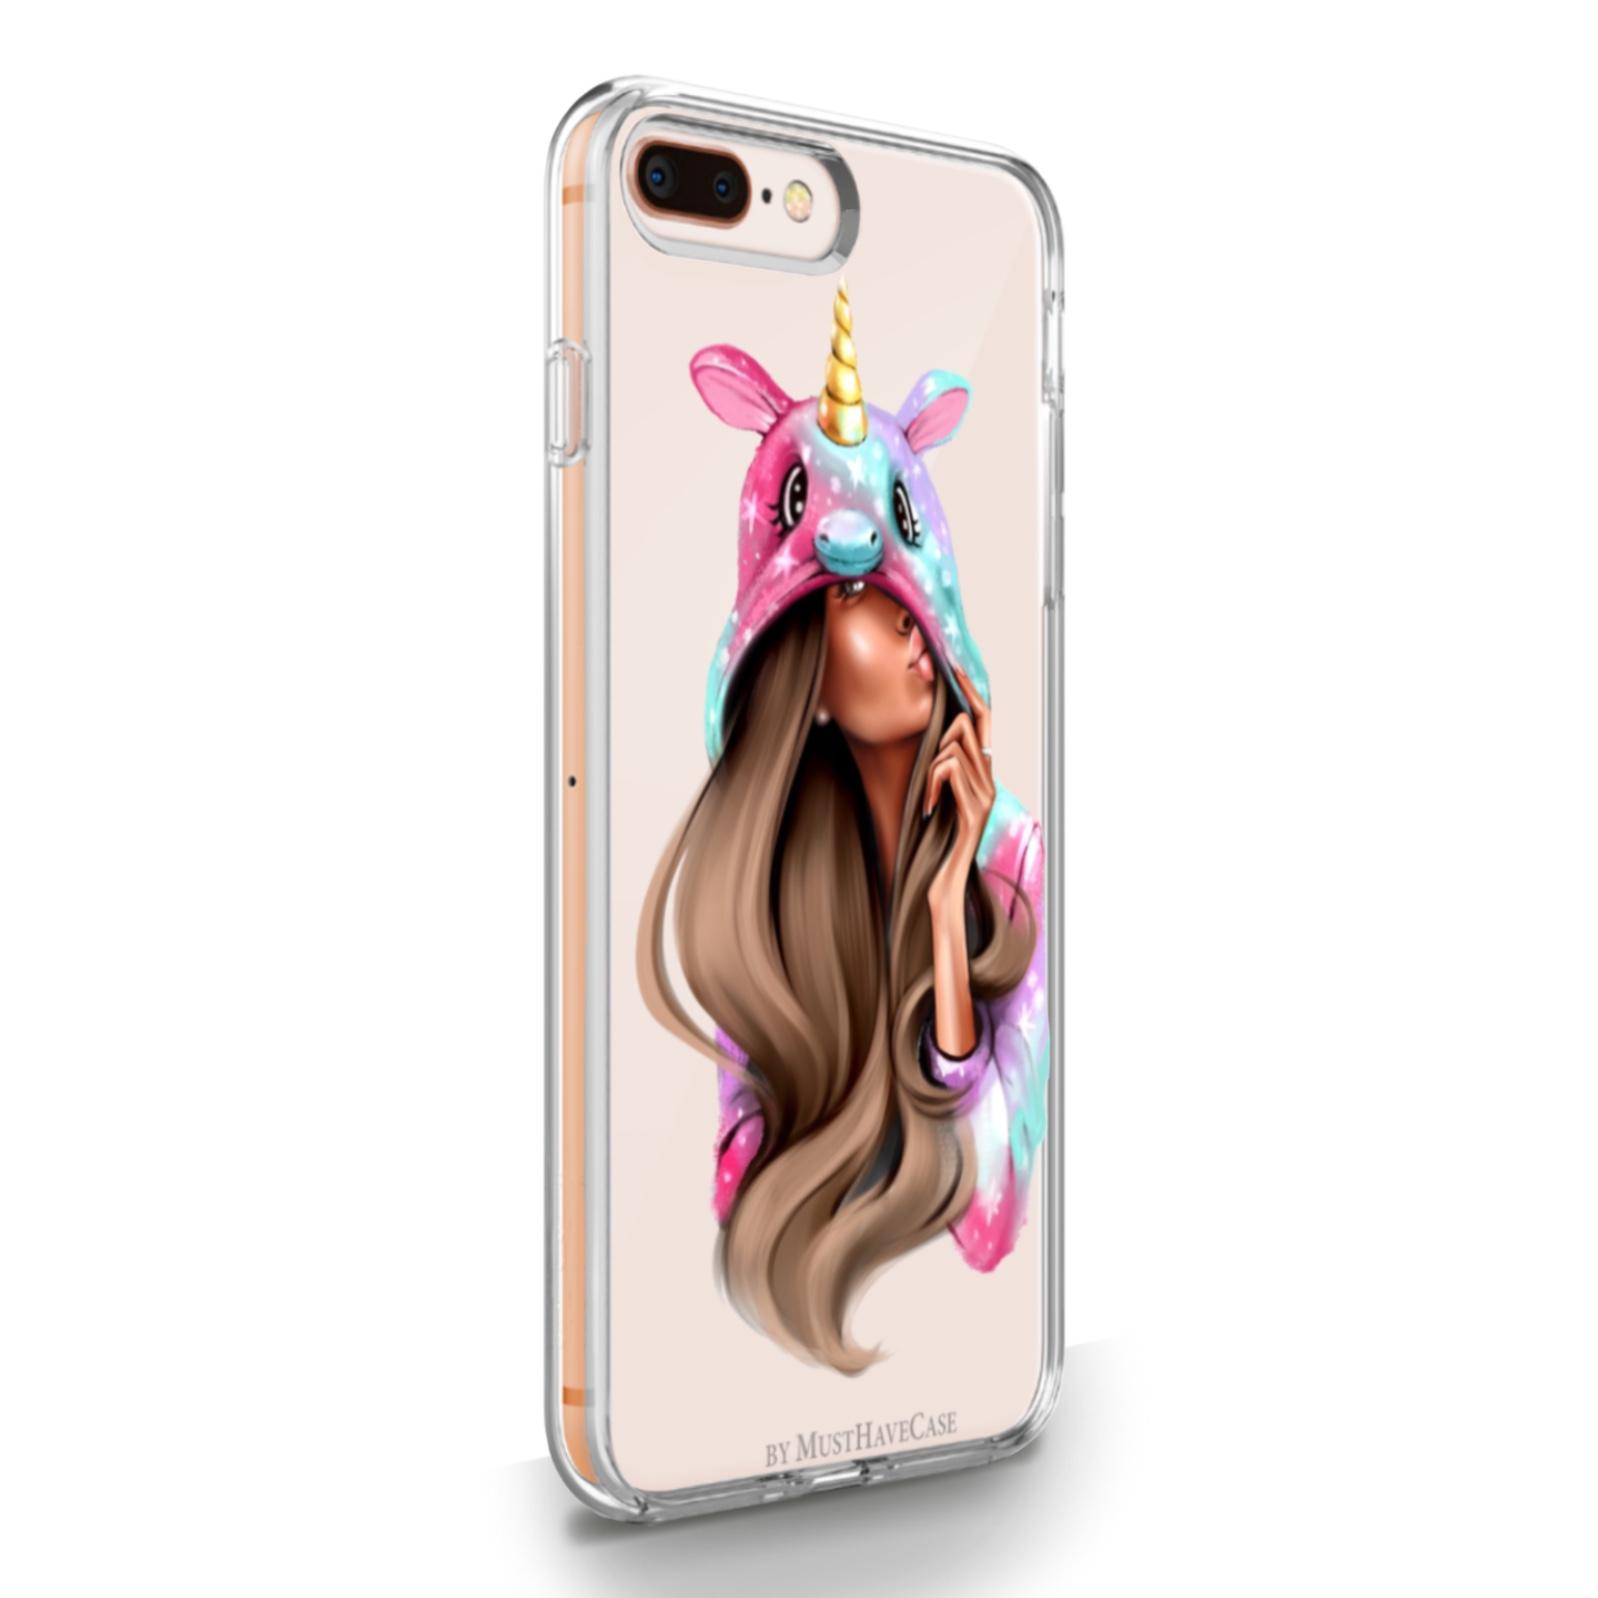 Прозрачный силиконовый чехол для iPhone 7/8 Plus Unicorn Girl для Айфон 7/8 Плюс